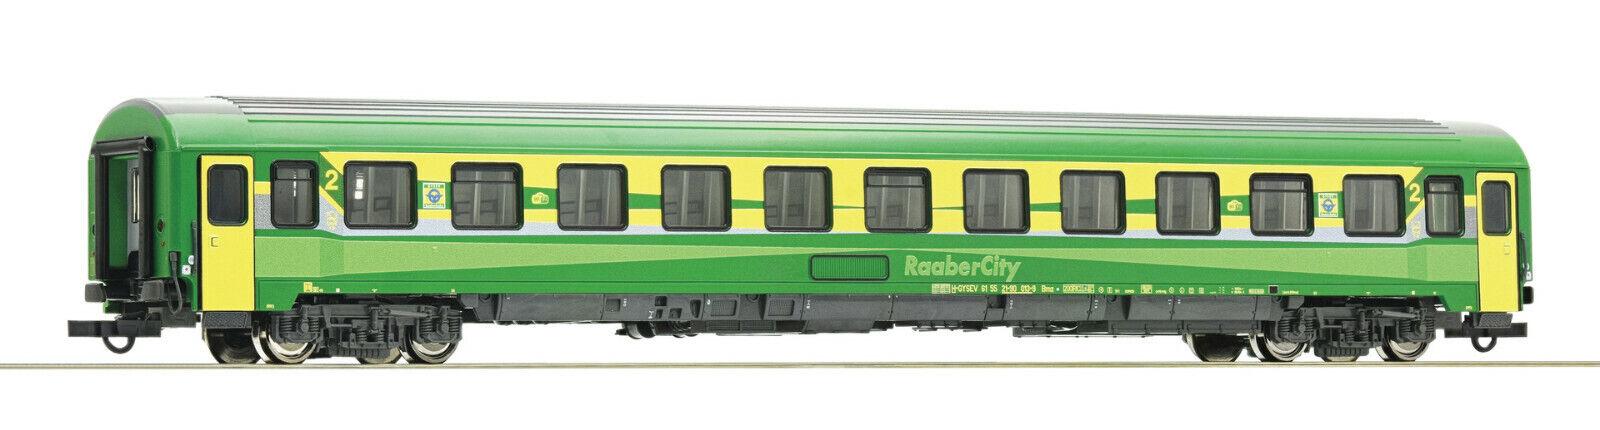 Roco h0 74335-Eurofima-coche 2. clase, GySEV mercancía nueva